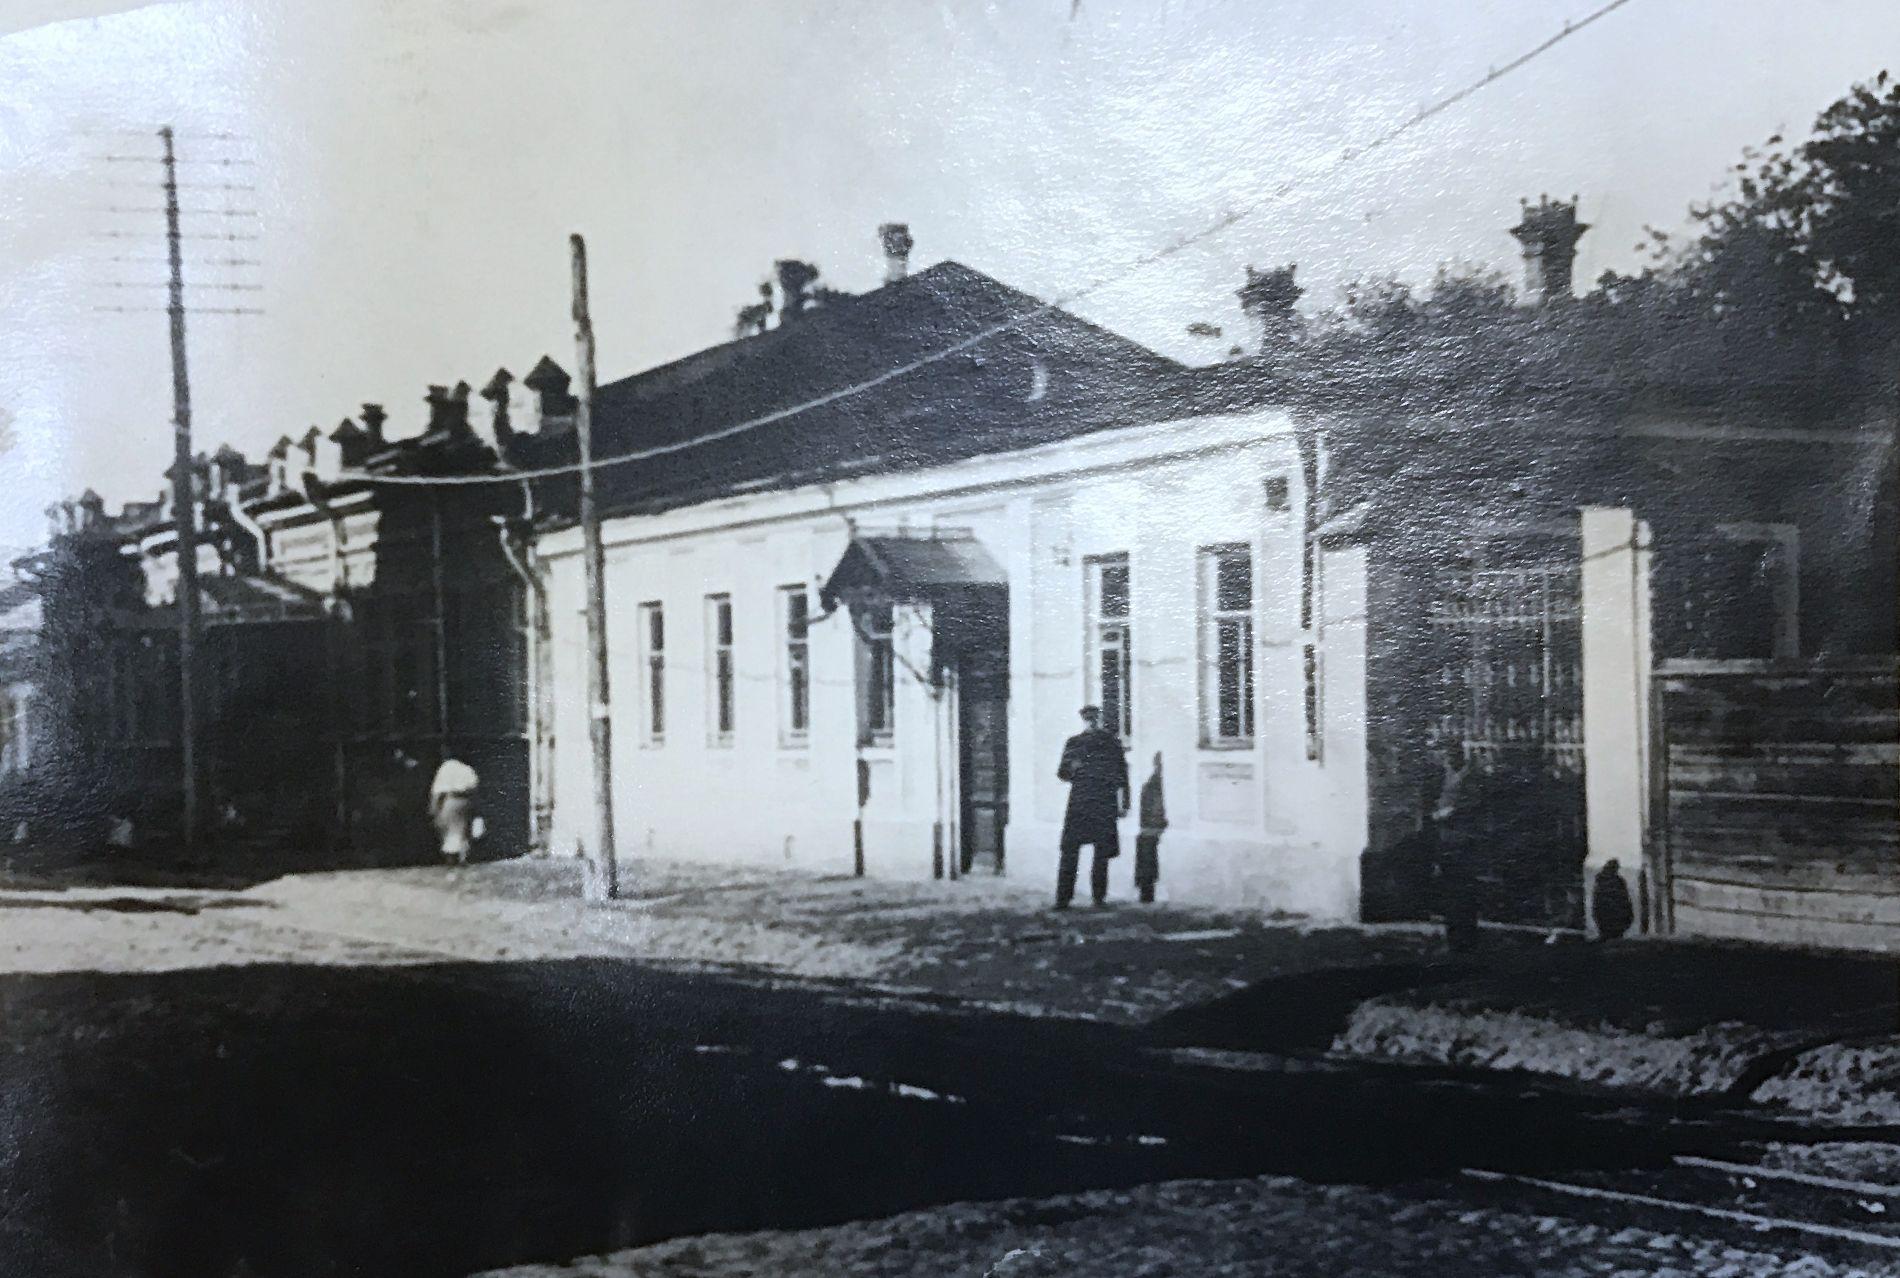 Типография И. Ф. Бойко, фото начала XIX века. Сейчас здание находится на ул. Карасунской, 73